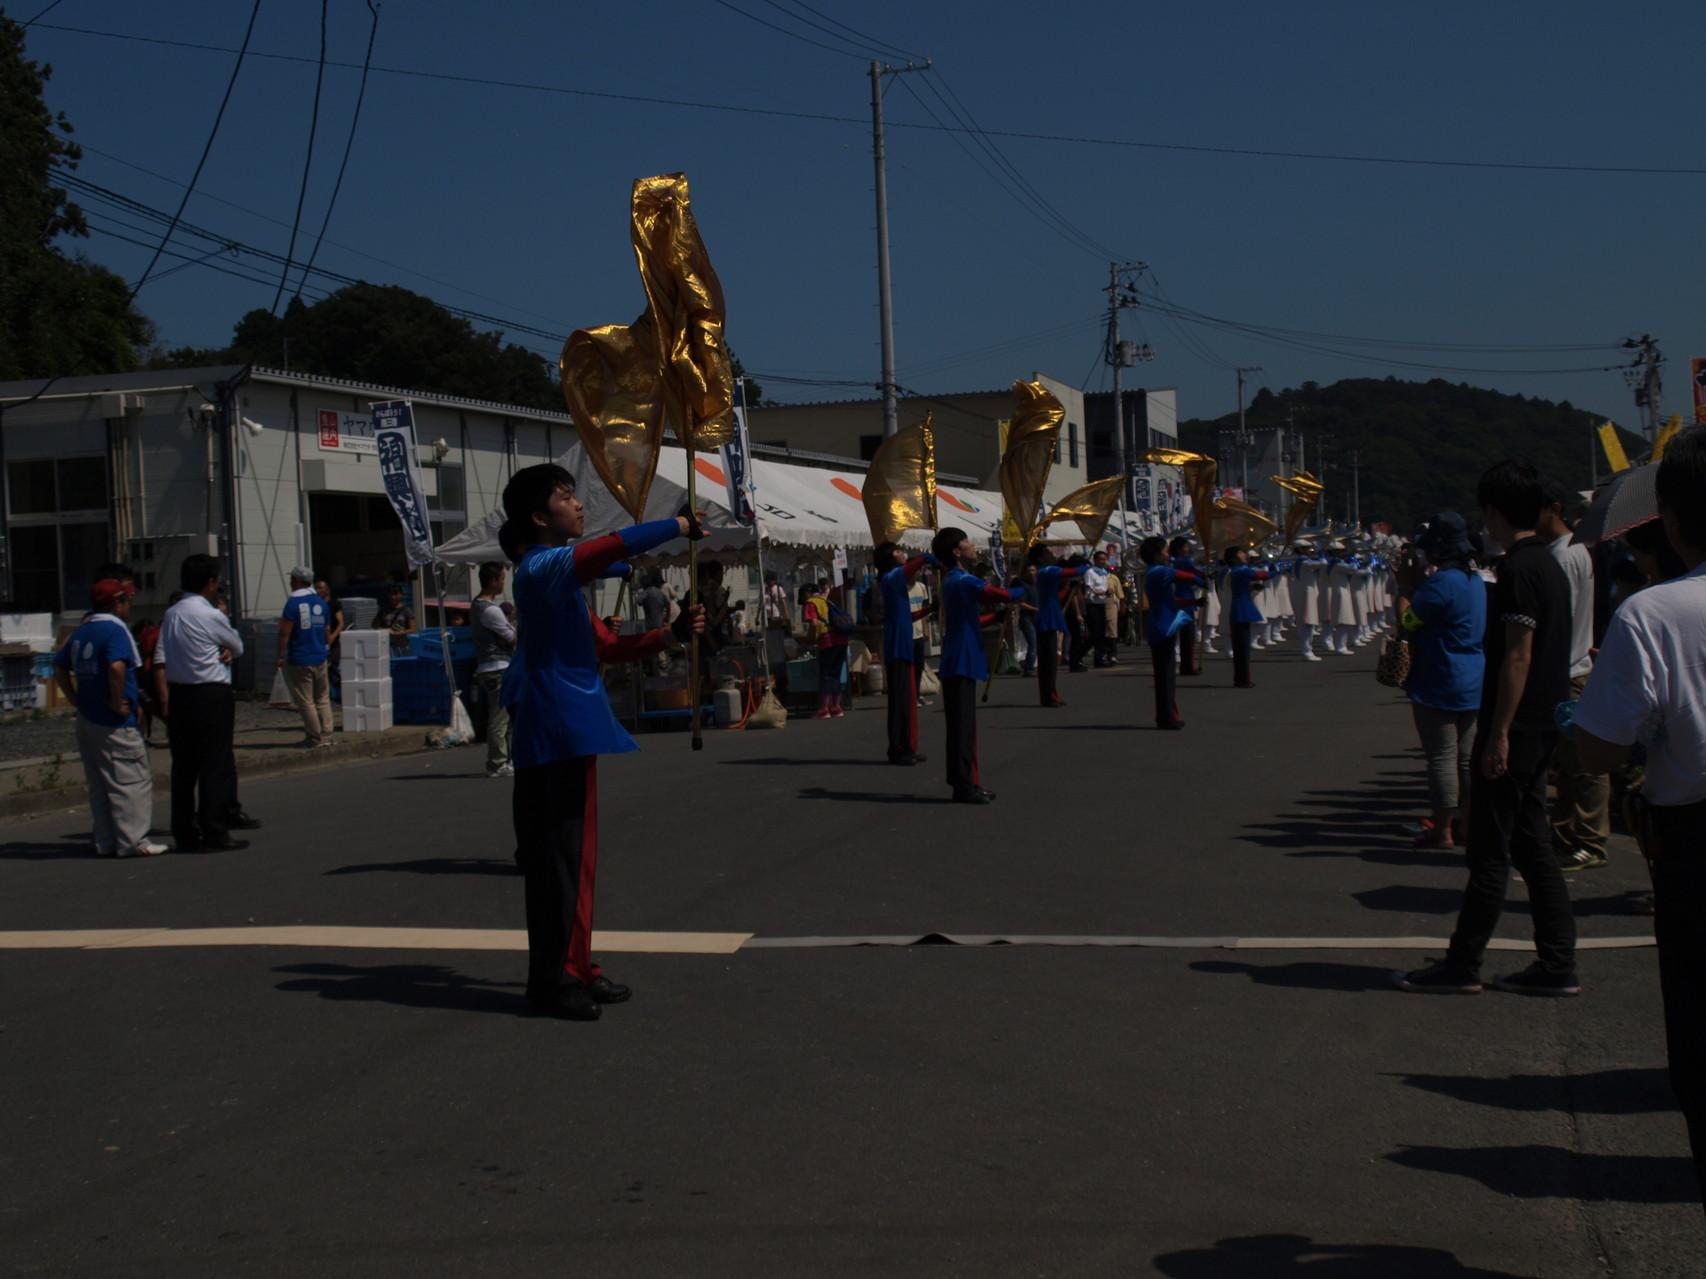 パレードなども開催され、